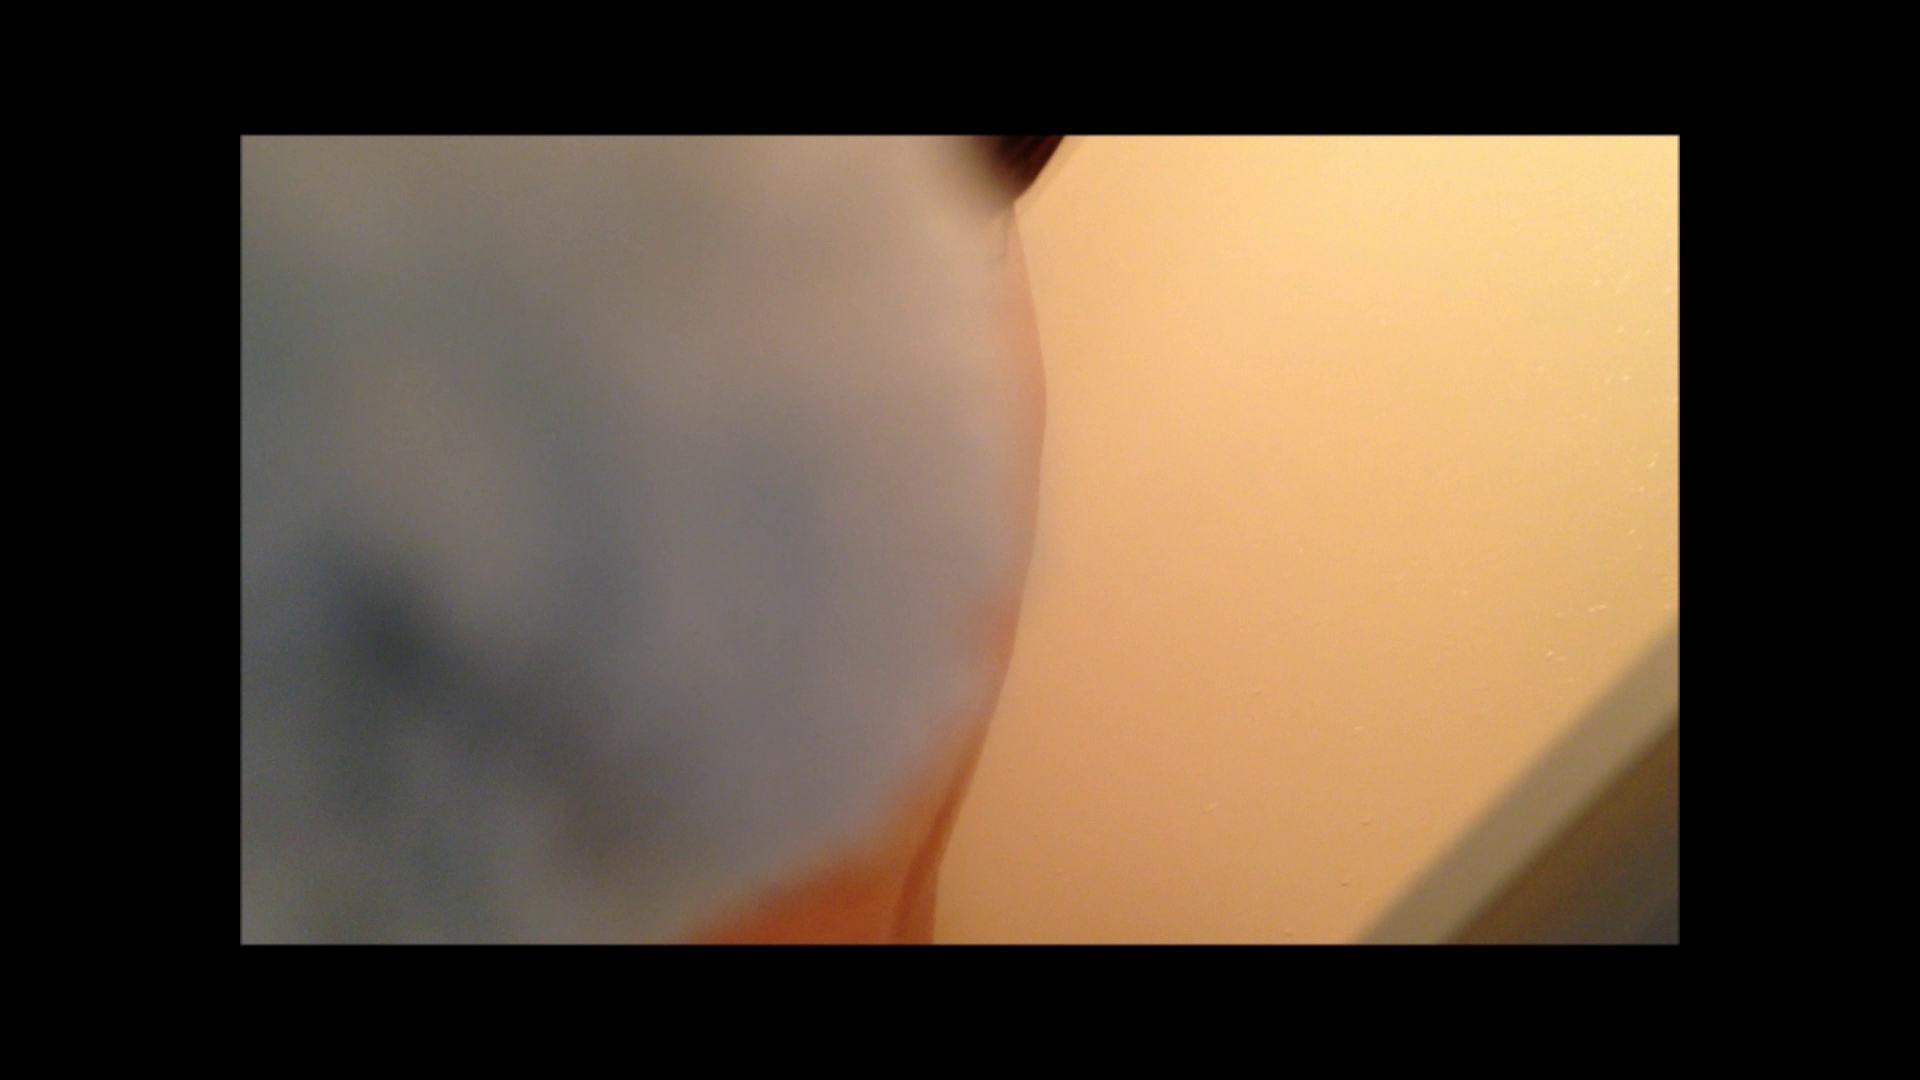 09(9日目)彼女も風呂を撮られるのに慣れてきたような・・・ マンコ特集 | 盗撮エロすぎ  80連発 43